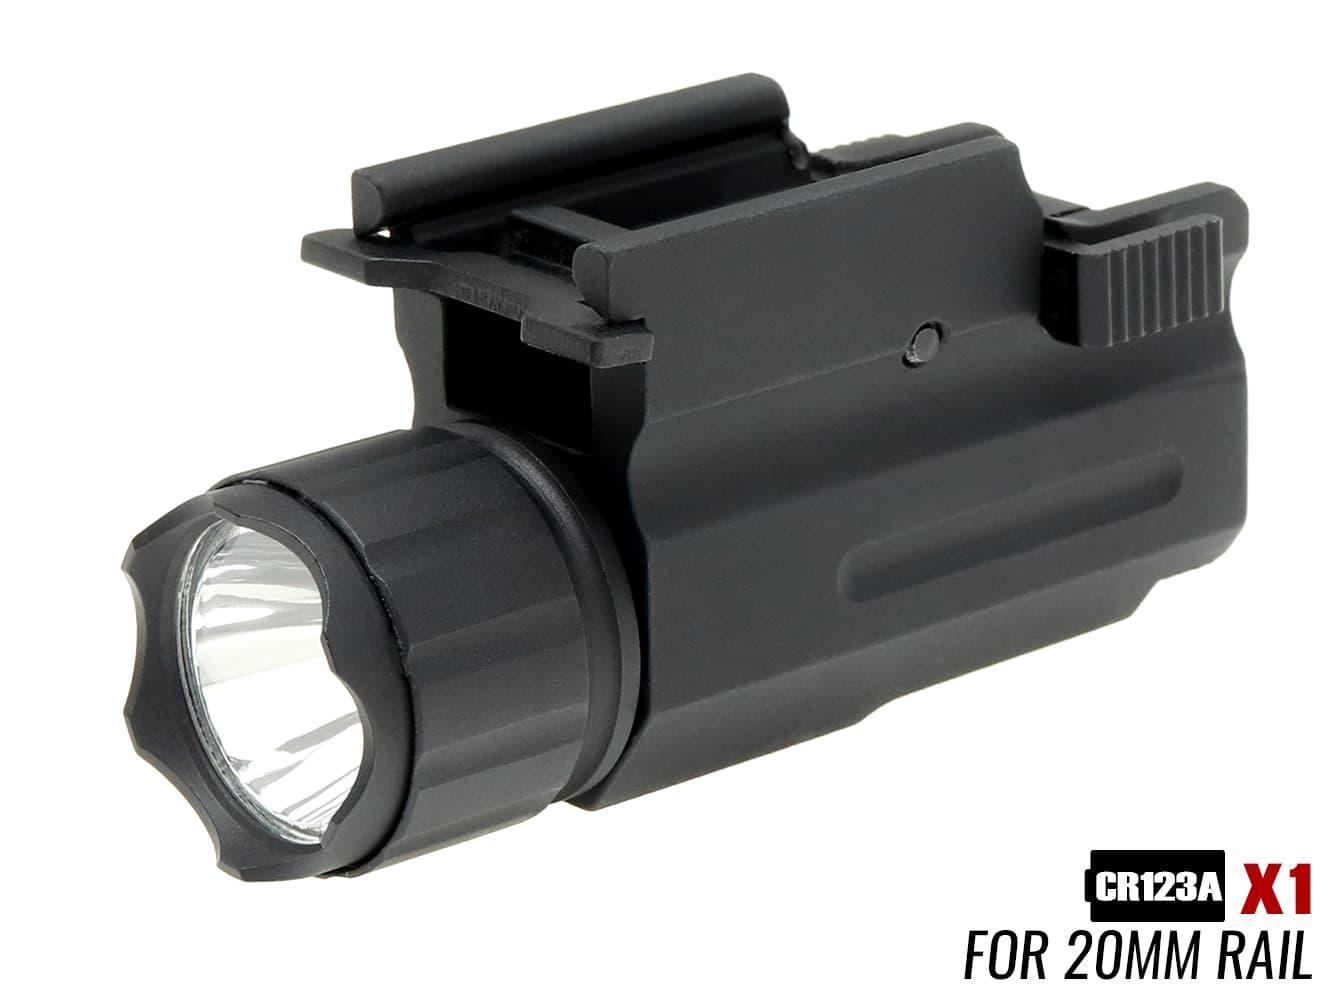 【アルミ頑丈軽量】X3000タイプ QD LED ウェポンライト BK★グロックやHi-CAPAに